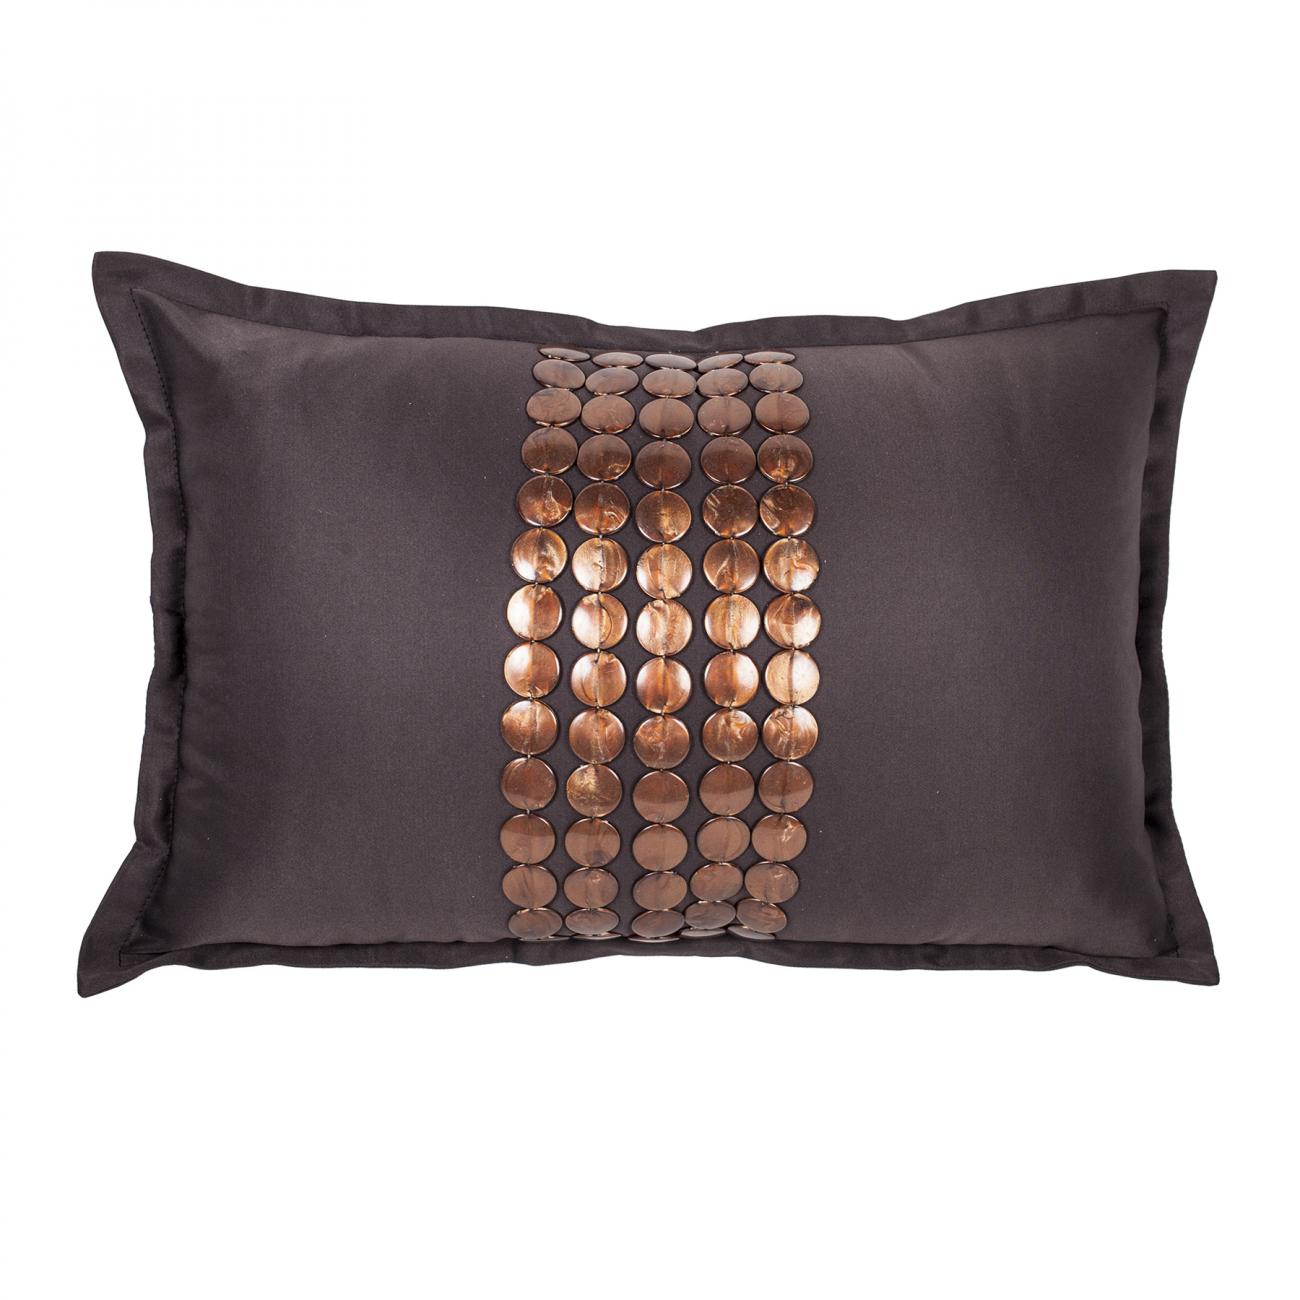 Декоративная подушка Handwork Exclusive Прямоугольная Коричневая | Подушки